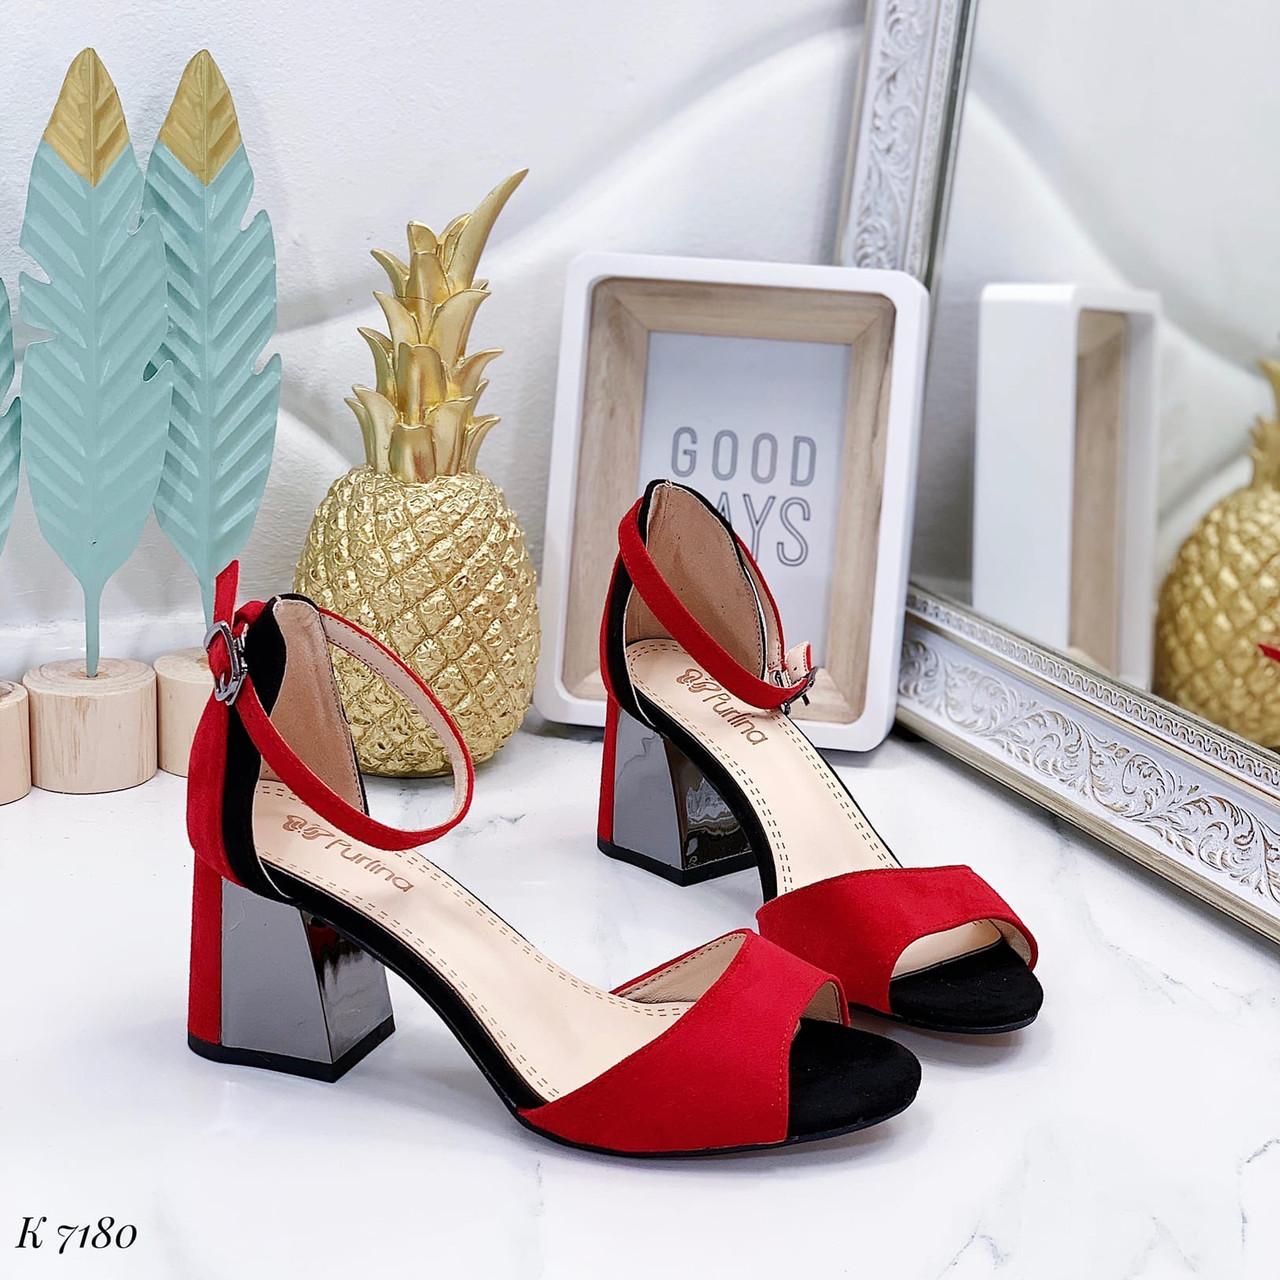 Босоножки женские красные на каблуке 6,5 см эко замша